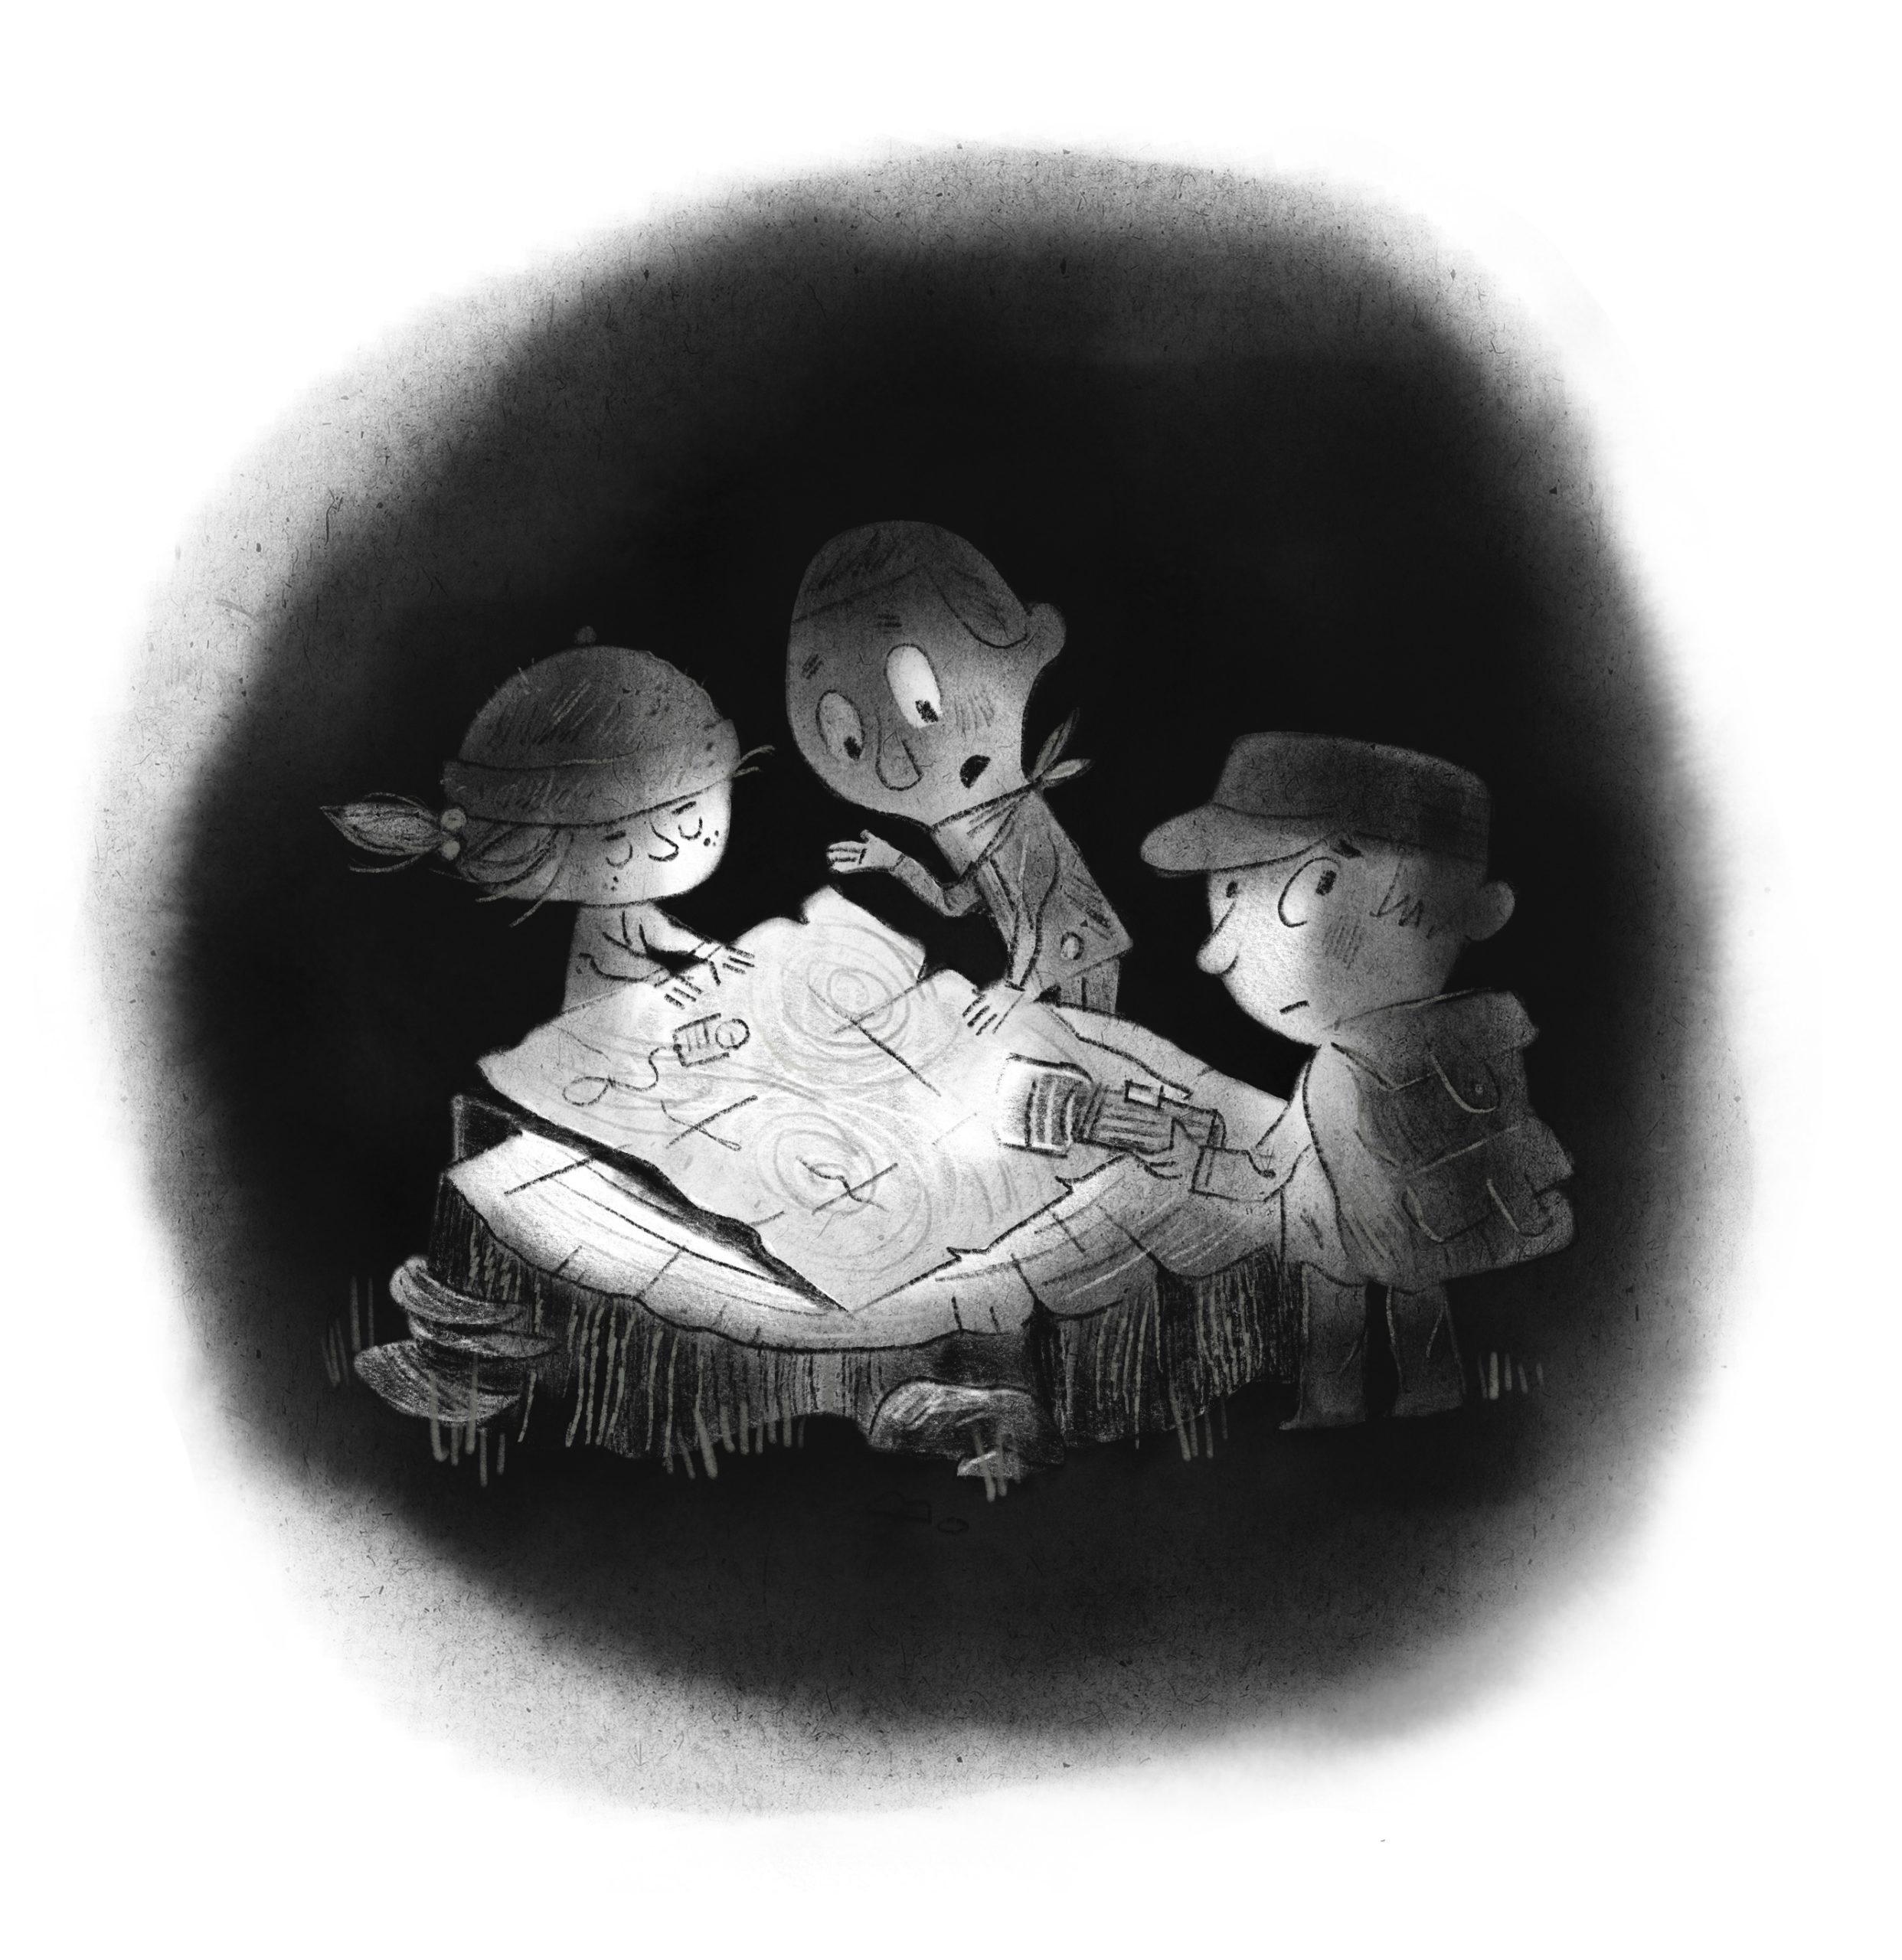 Kids look at a a map at night.